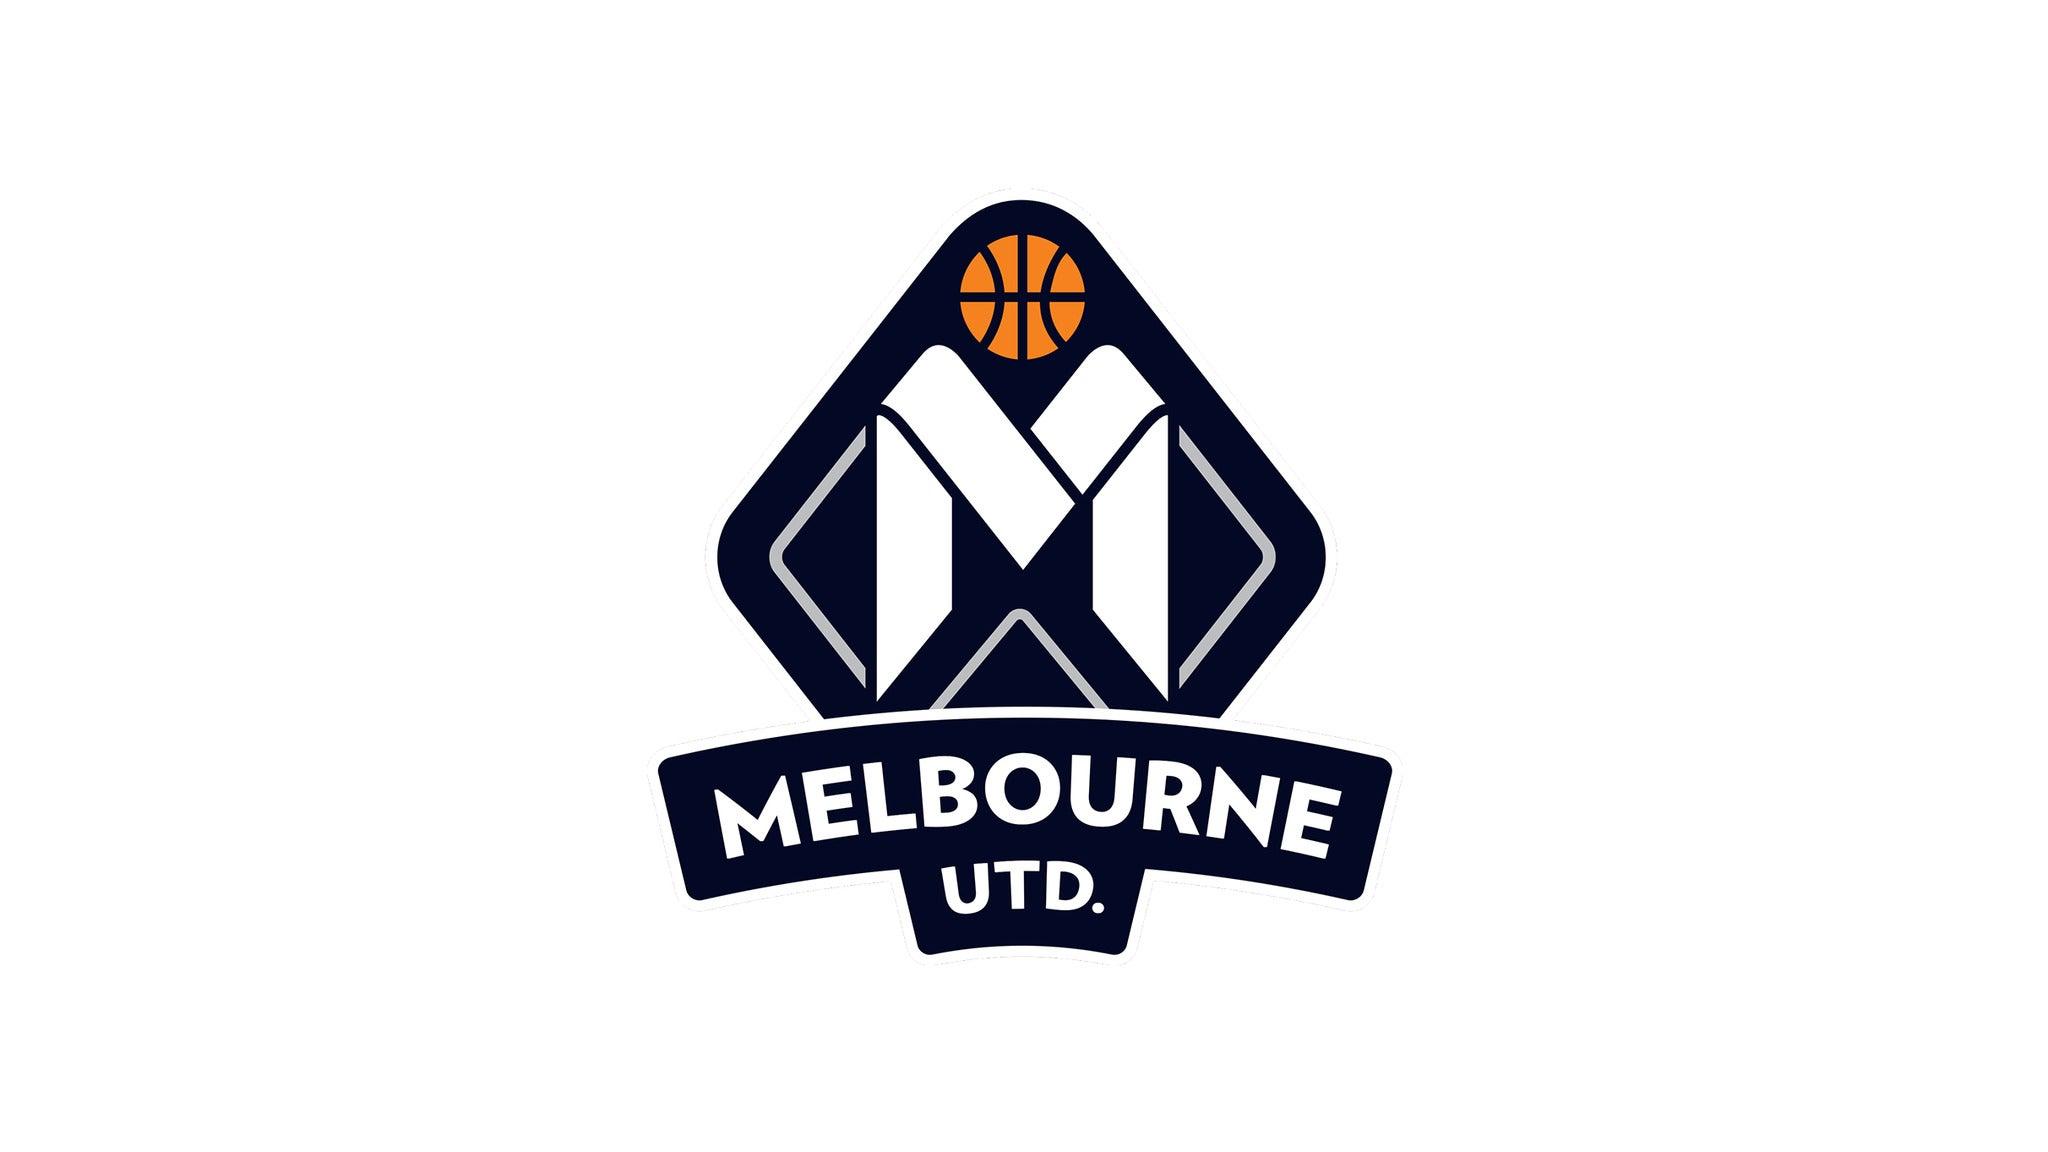 Melbourne United vs. Perth Wildcats